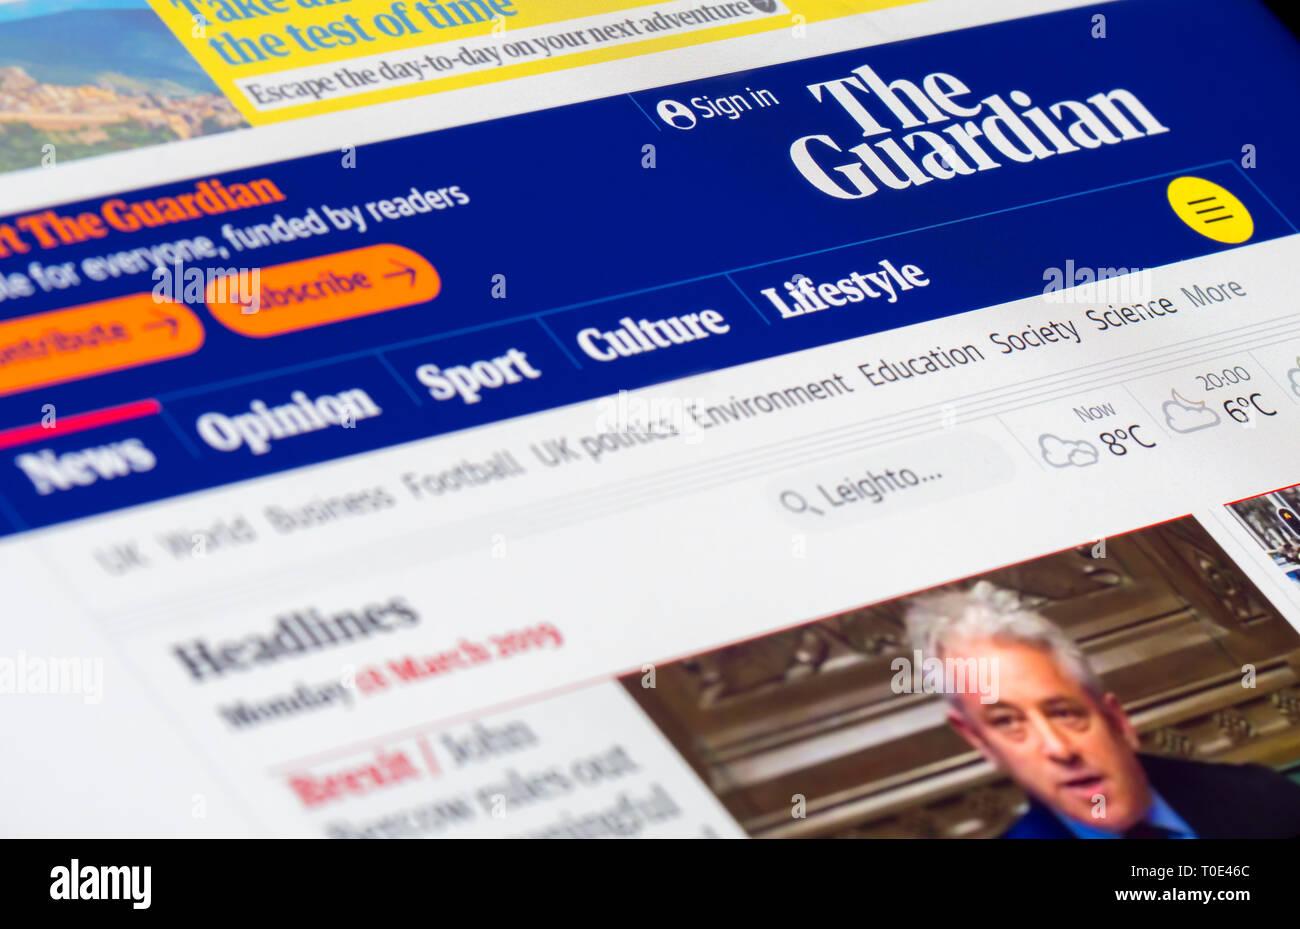 Le Guardian news website front page pour la version en ligne du journal The Guardian au Royaume-Uni.. Photo Stock